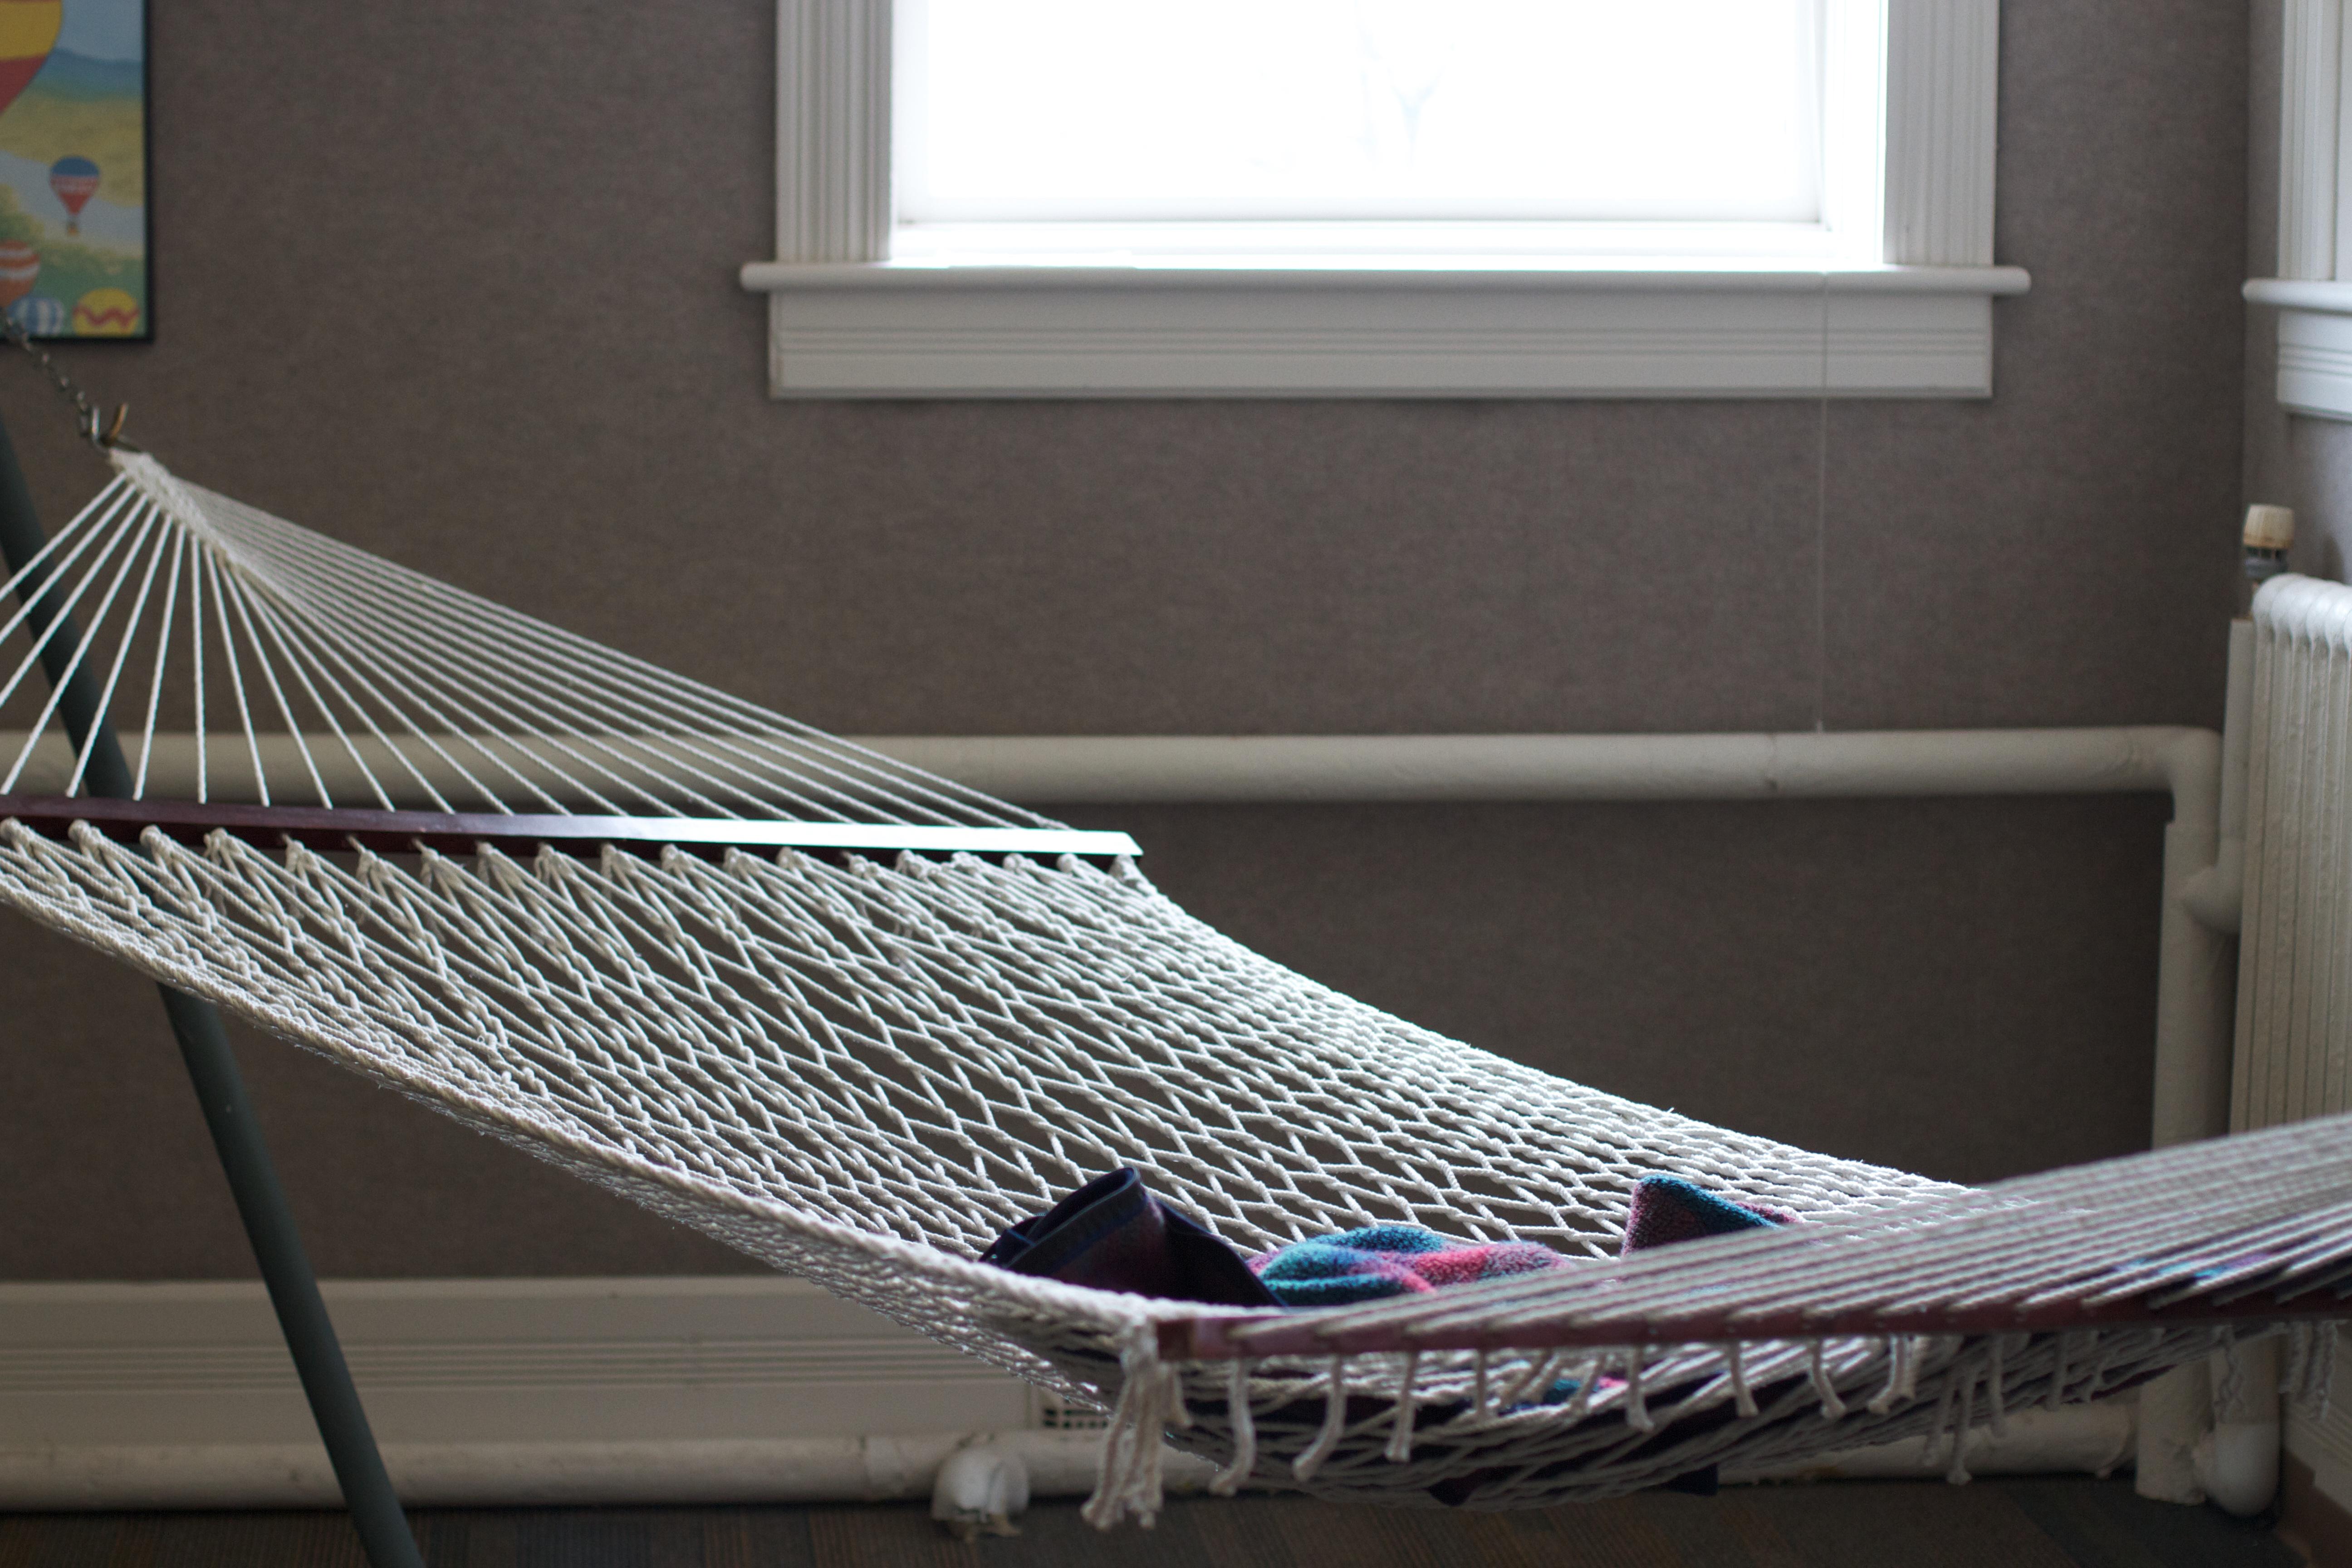 images gratuites aile bois sol meubles hamac produit lit 5184x3456 350806 banque d. Black Bedroom Furniture Sets. Home Design Ideas